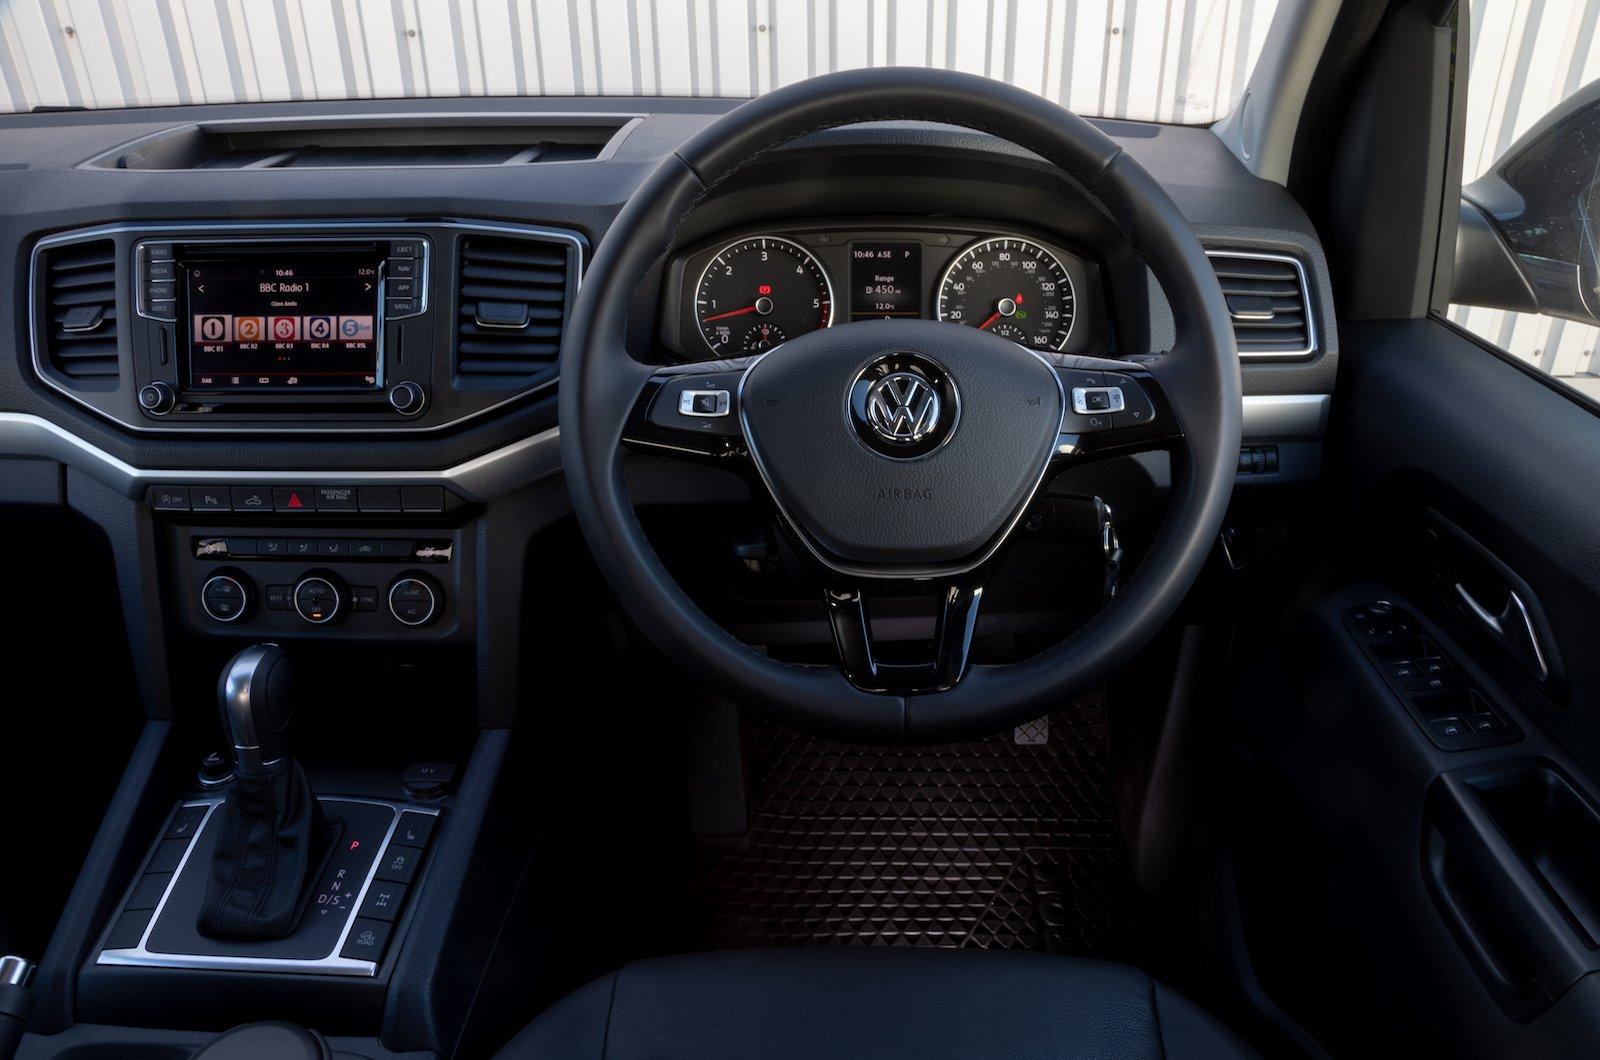 2018 Volkswagen Amarok 3 0 V6 Tdi 258 Review Price Specs And